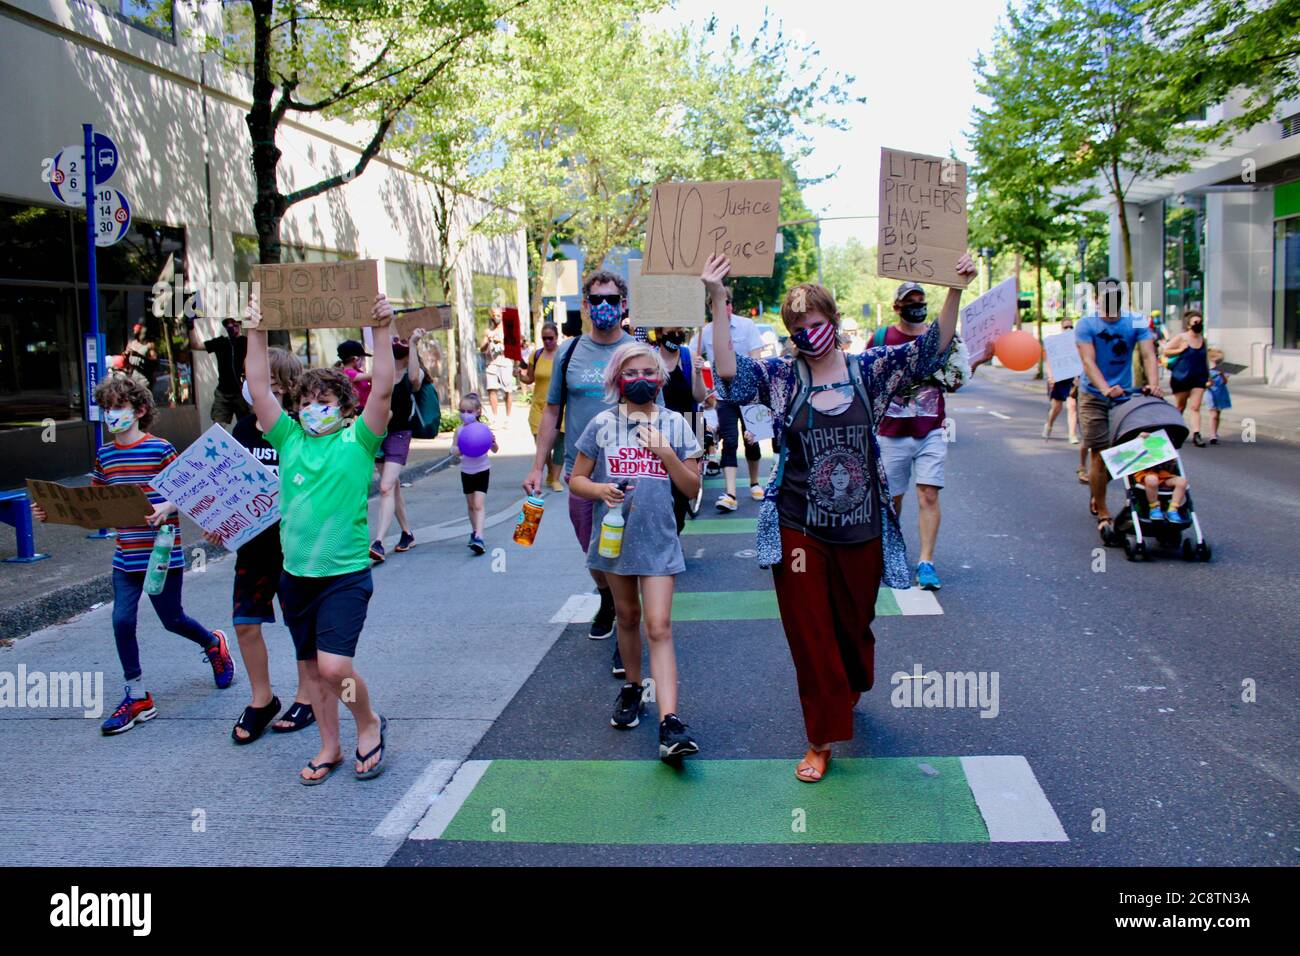 """Portland, Oregon, Stati Uniti. 26 luglio 2020. I bambini e i loro genitori hanno marciato oggi come parte di 'famiglie che chiedono Feds out of Portland'' un evento organizzato da .'Raising Antiracist Kids PDX.''la marcia è iniziata a Salmon St. Fountain e si è conclusa al Centro di Giustizia/Corte di casa, dove un giovane afroamericano teen ha dato un discorso sentito sul pari e la libertà. Secondo la pagina Facebook, è stato pensato per """"spari la forza delle famiglie locali che non vogliono i gooni del DHS invadere la città"""". Credit: Amy Katz/ZUMA Wire/Alamy Live News Foto Stock"""